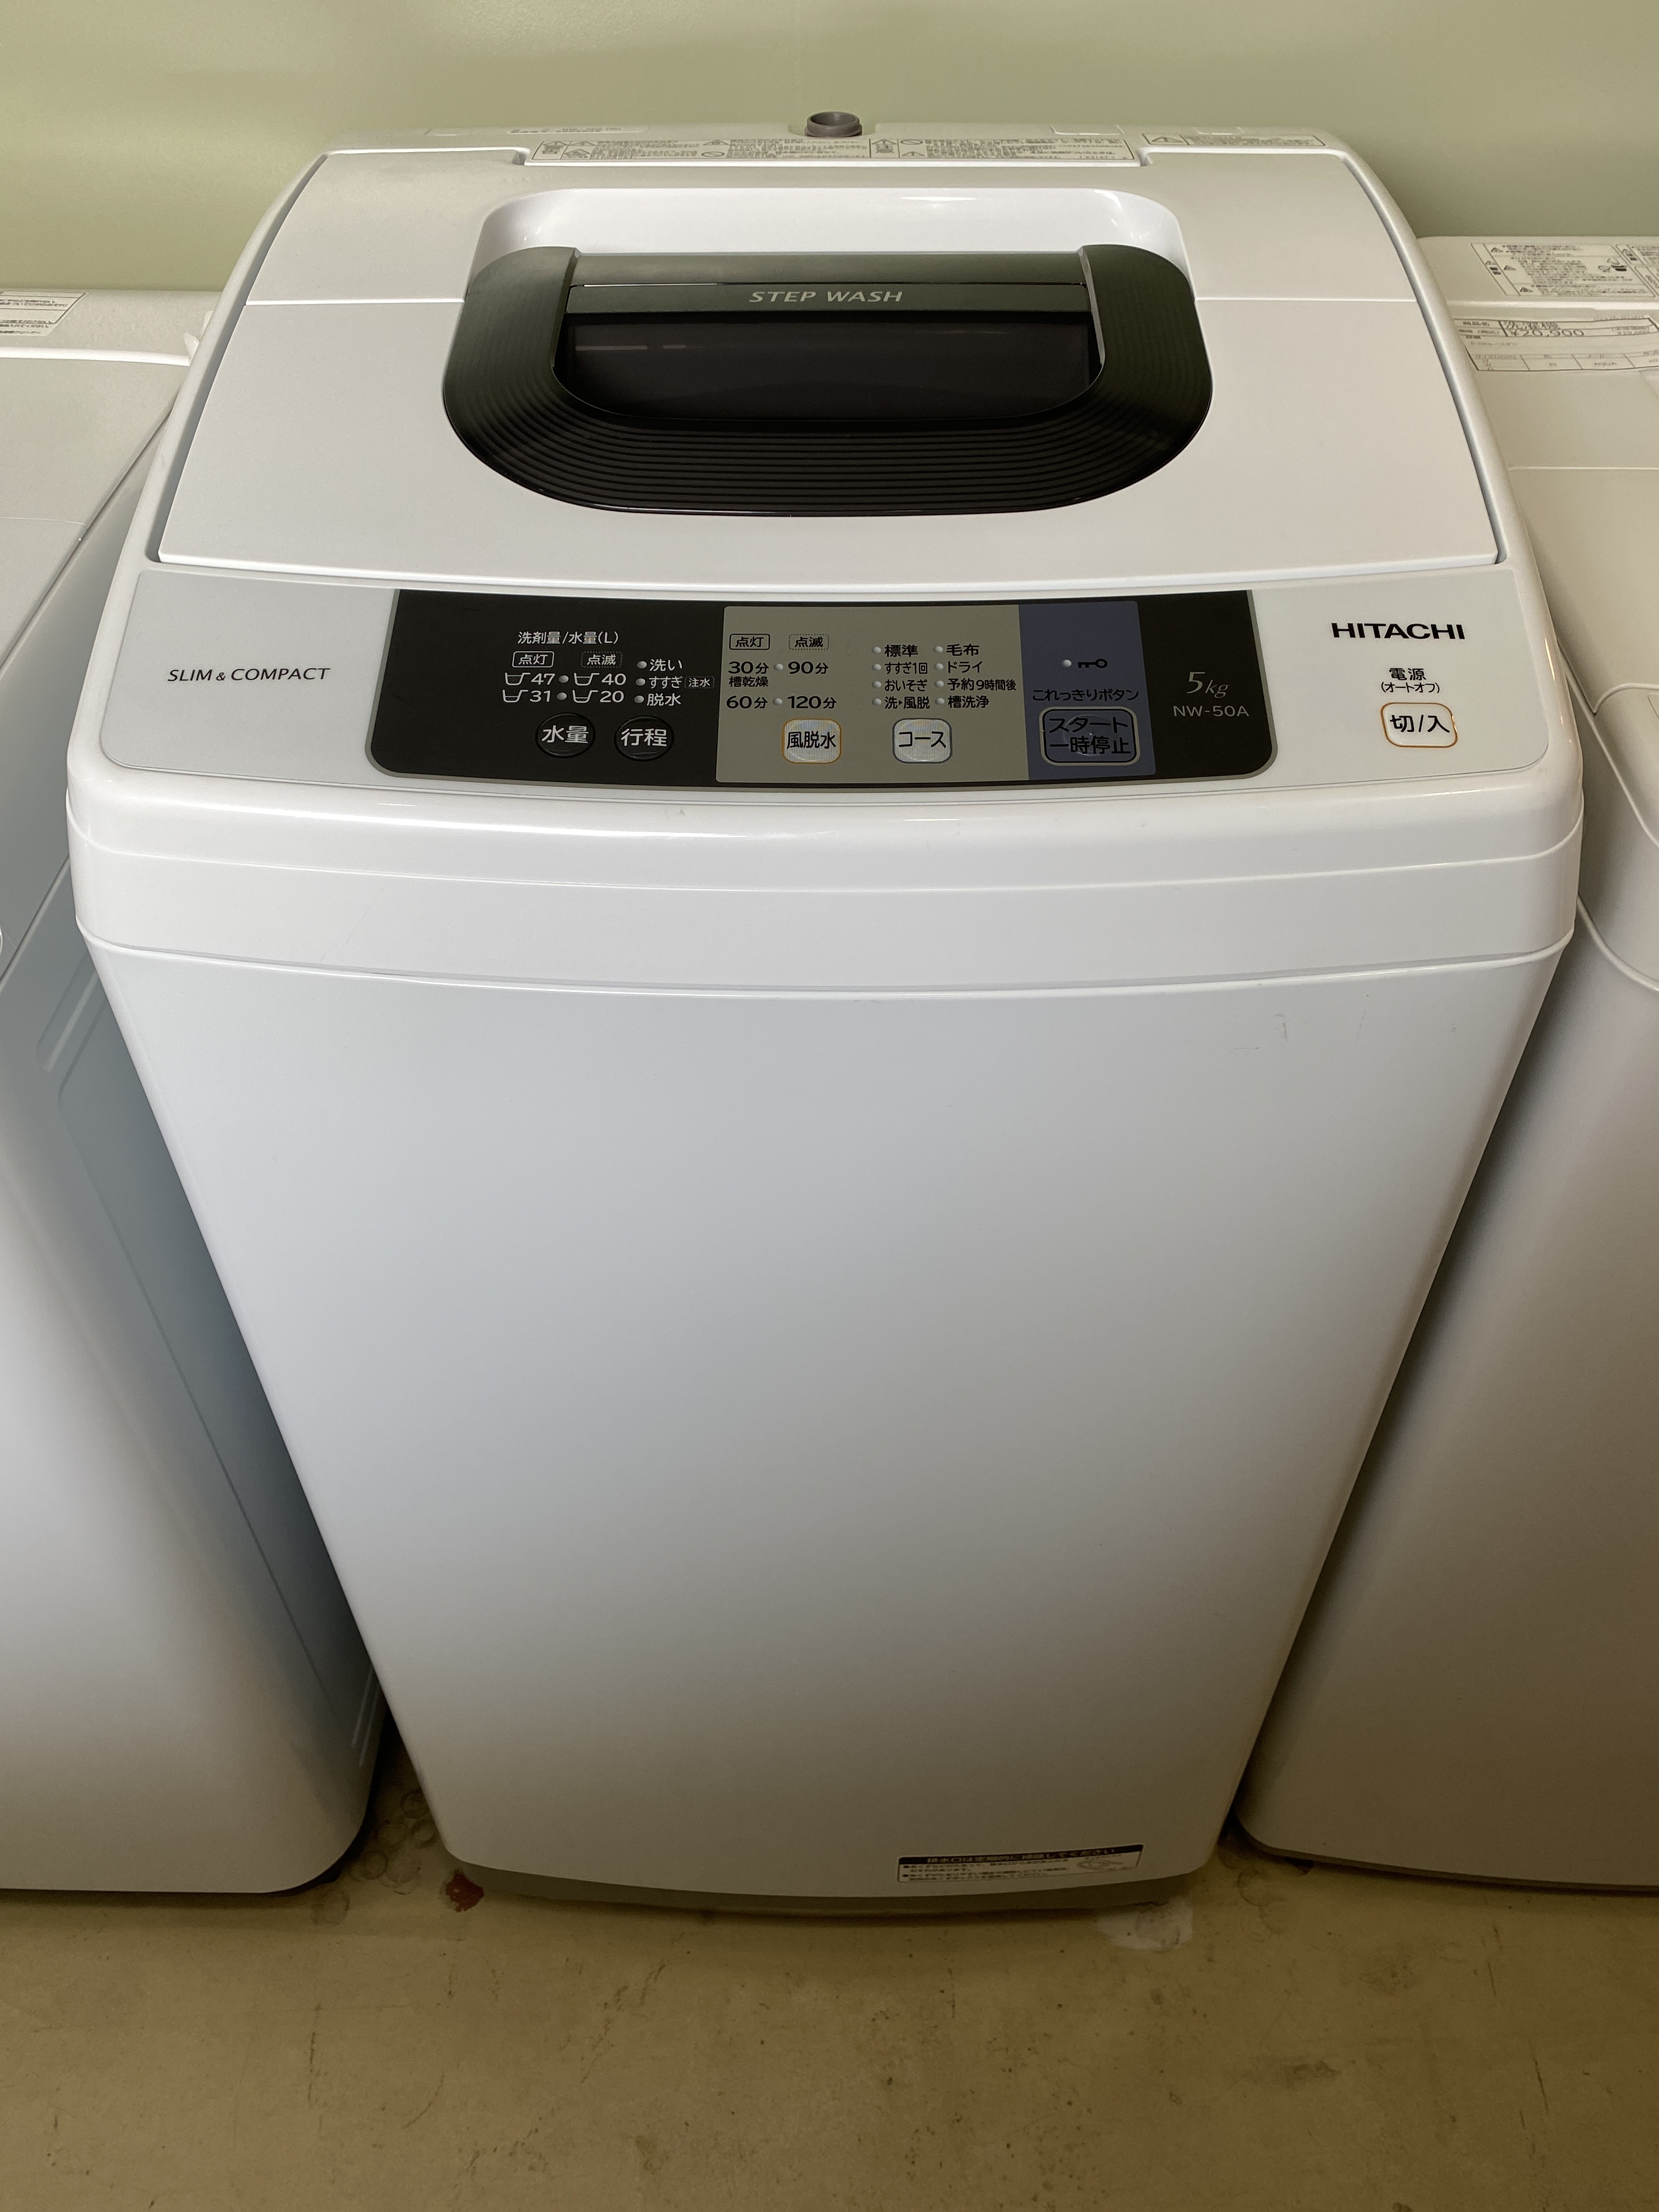 宇都宮 洗濯機 日立 買取